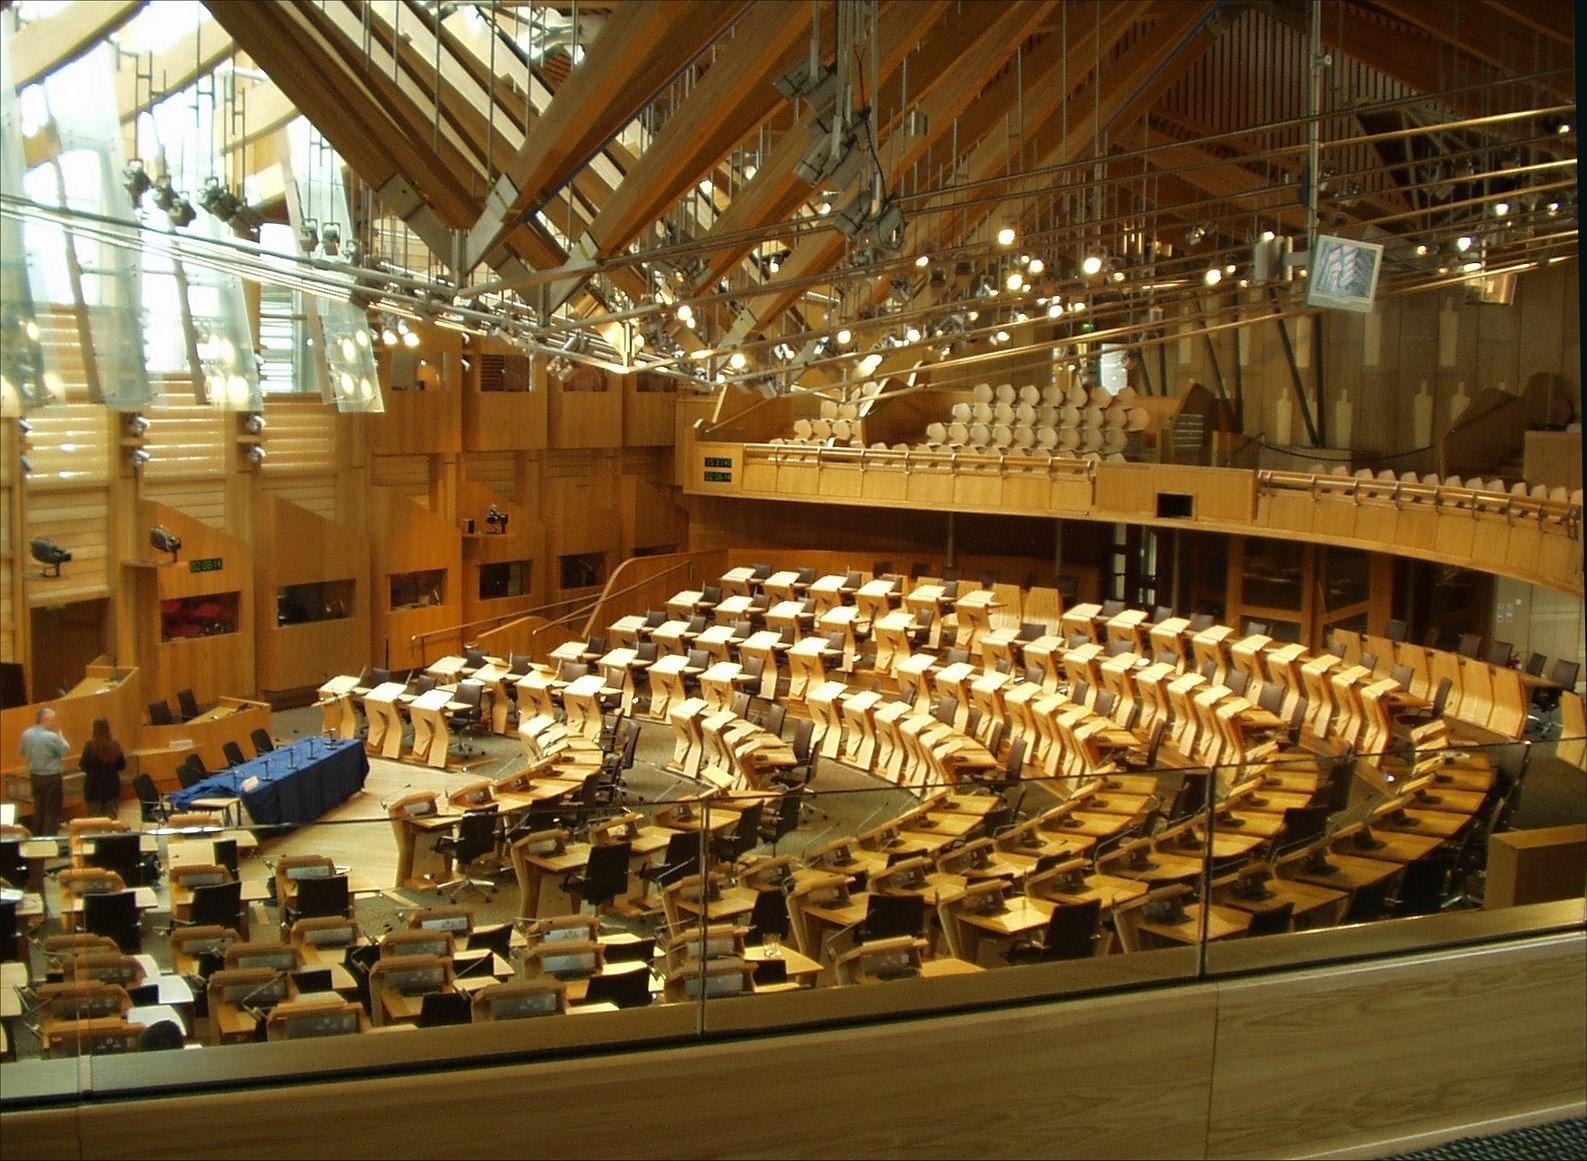 البرلمان الاسكوتلندي يوافق على تعليق صادرات معدات مكافحة الشغب لأميركا